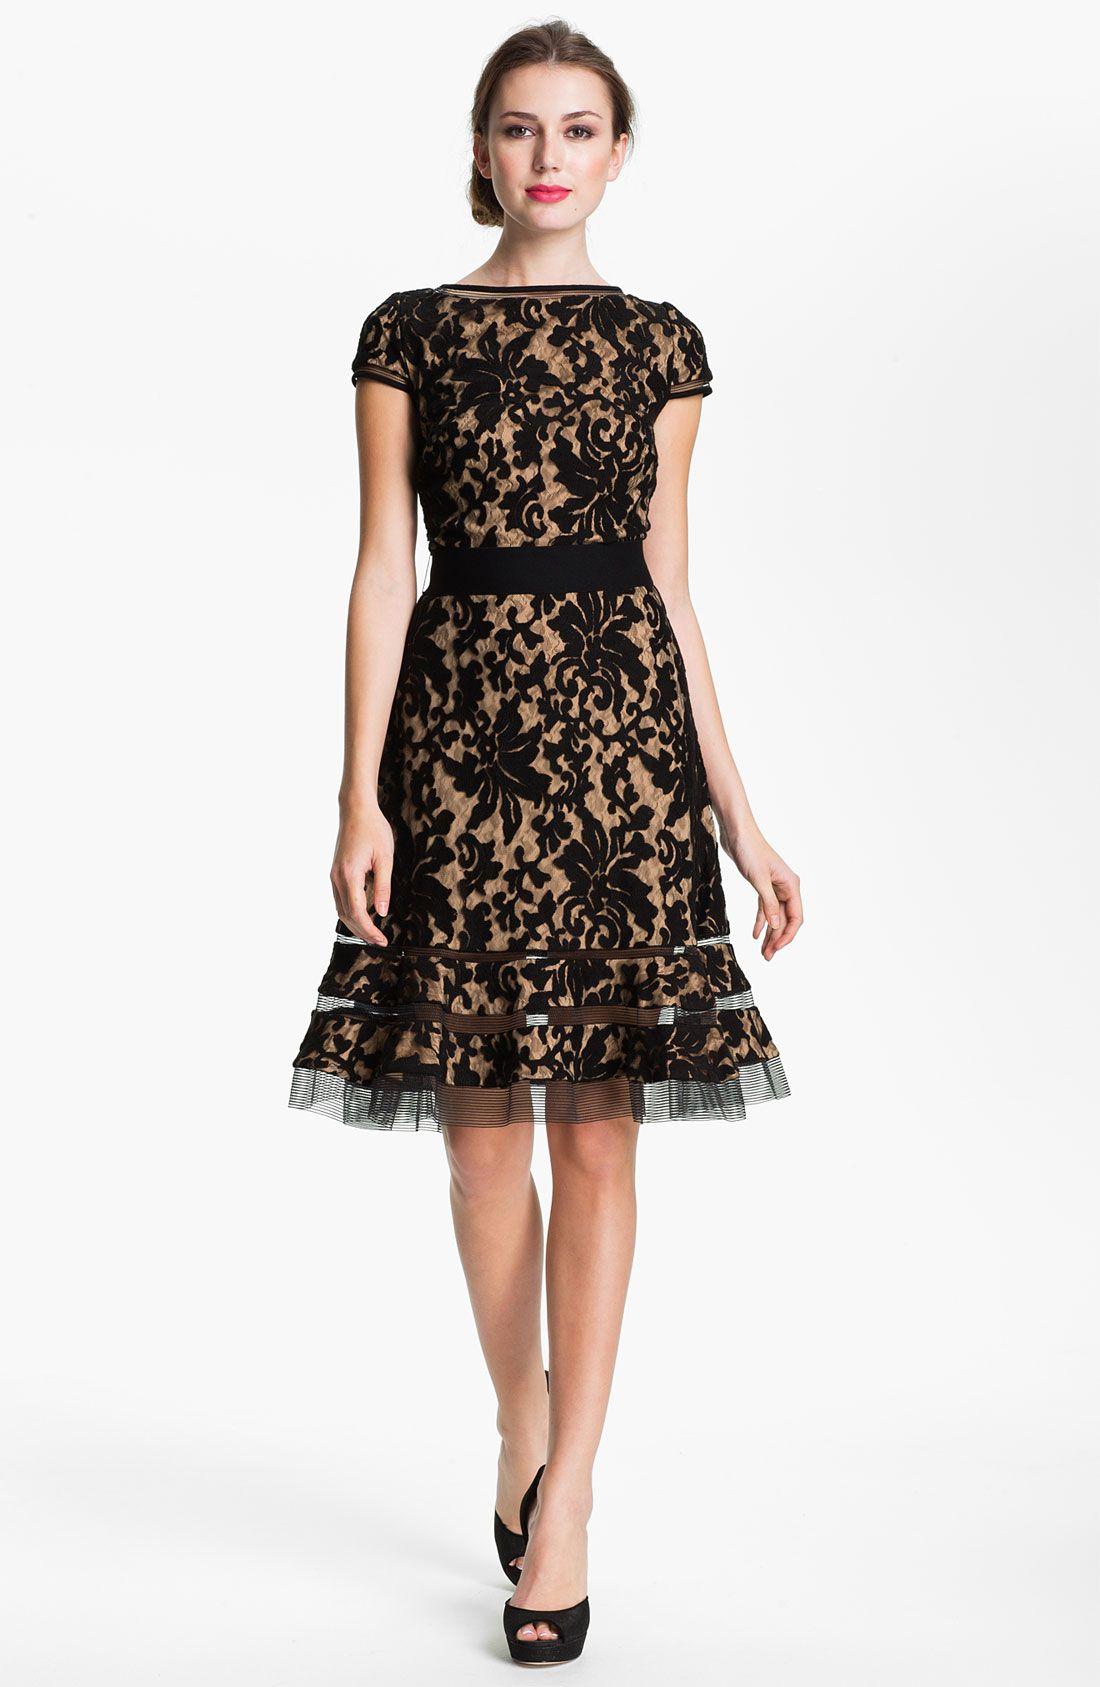 51045ecf0ed Tadashi Shoji Textured Lace Dress